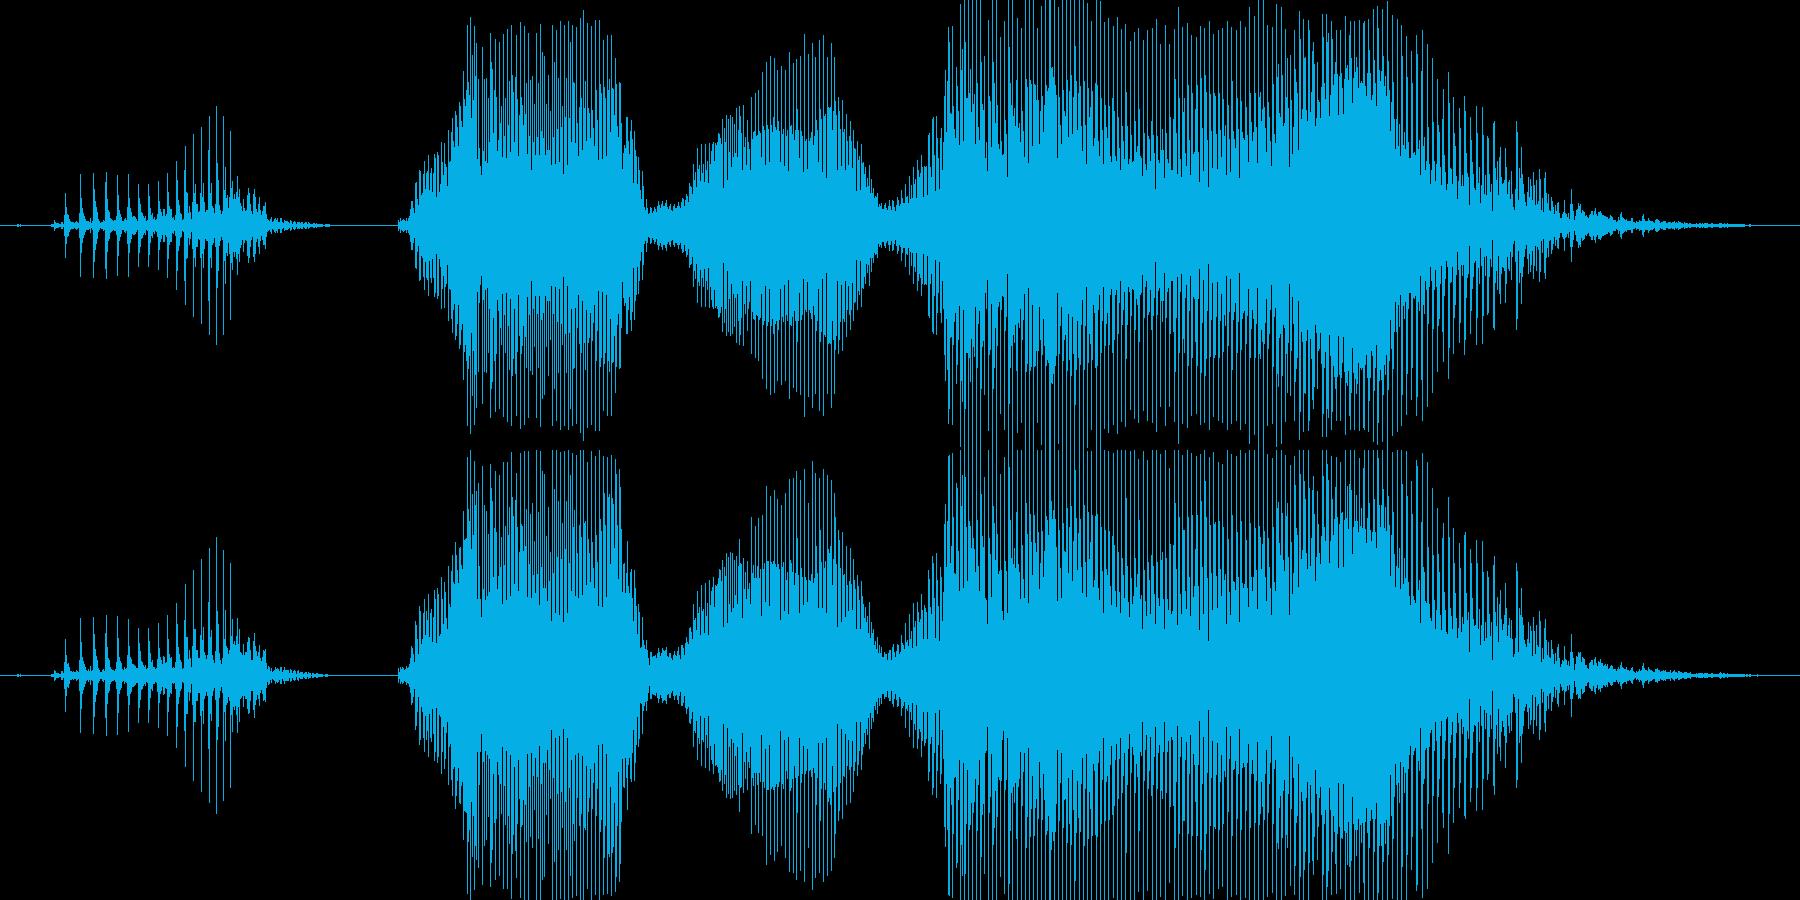 「当たりだよぉ!」(なぜか怒ってる)の再生済みの波形